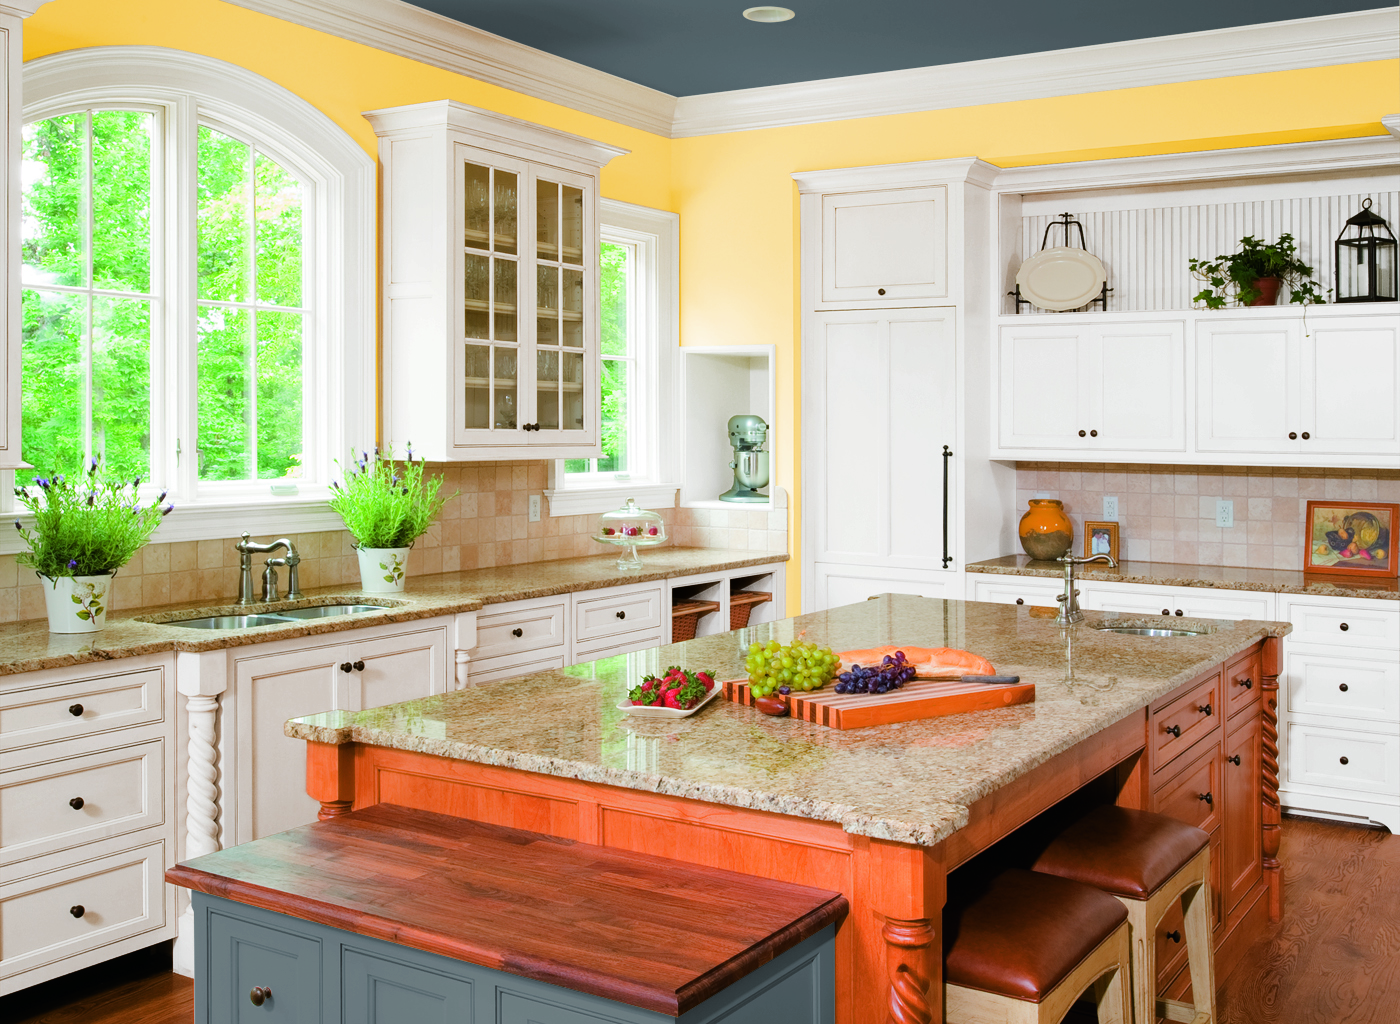 Glidden_CIL_yellow_kitchen_jonquilyellow.jpg